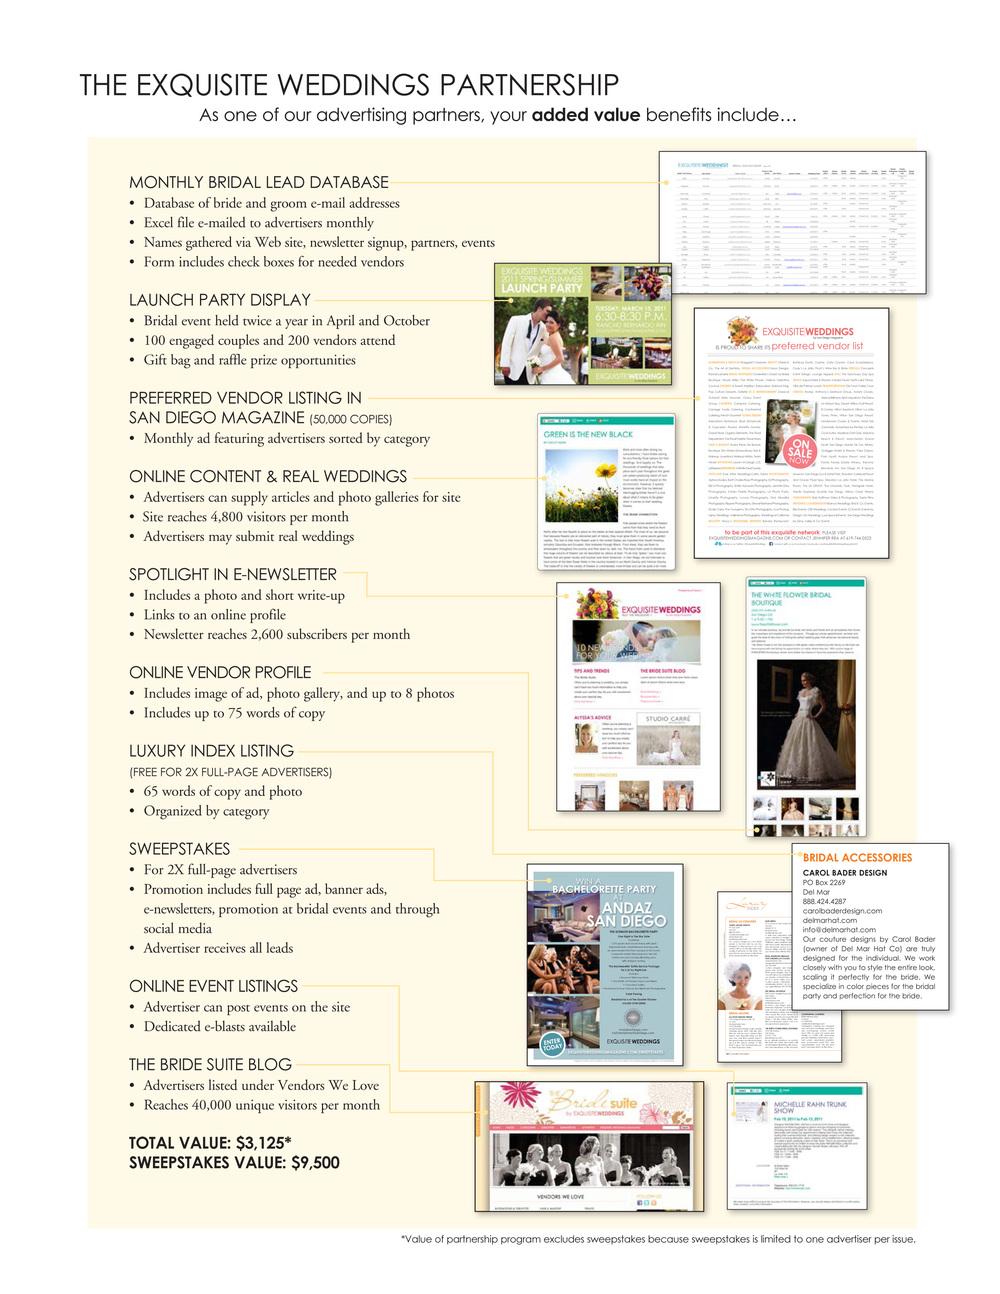 EW-Media-Kit-SS2012-SB-8.jpg